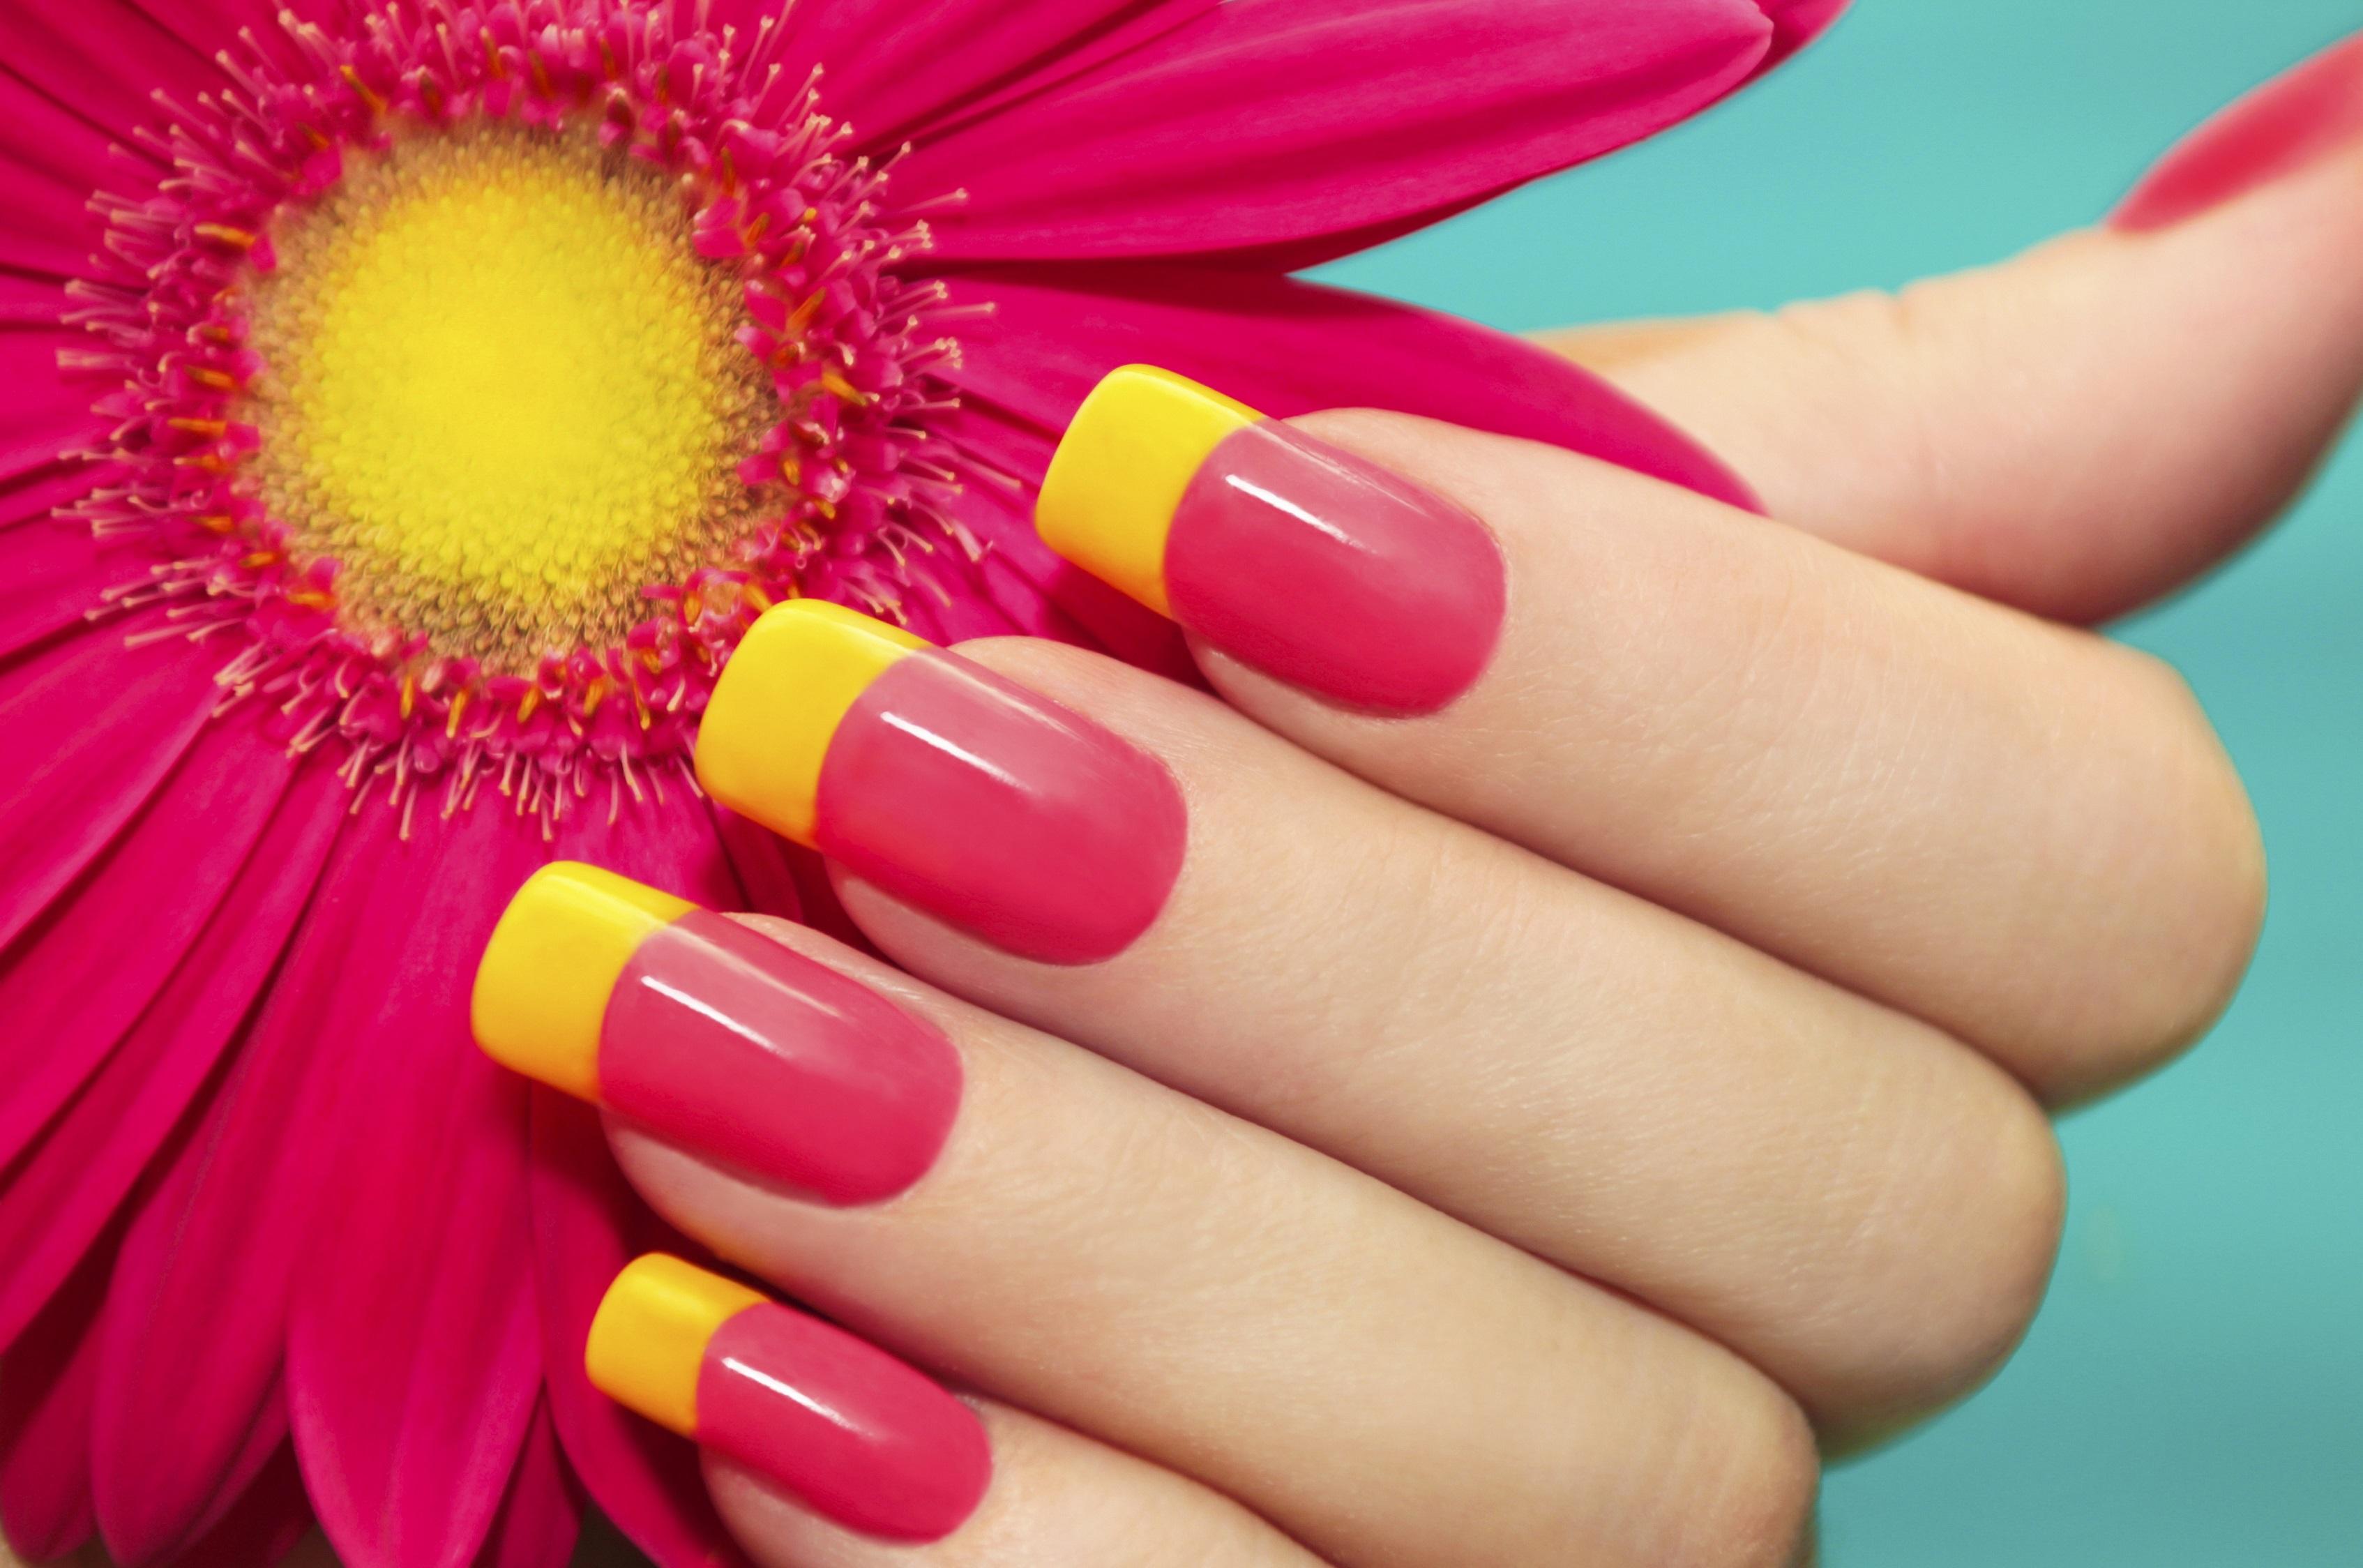 Нарощенные ногти: особенности ухода, новинки дизайна 2017